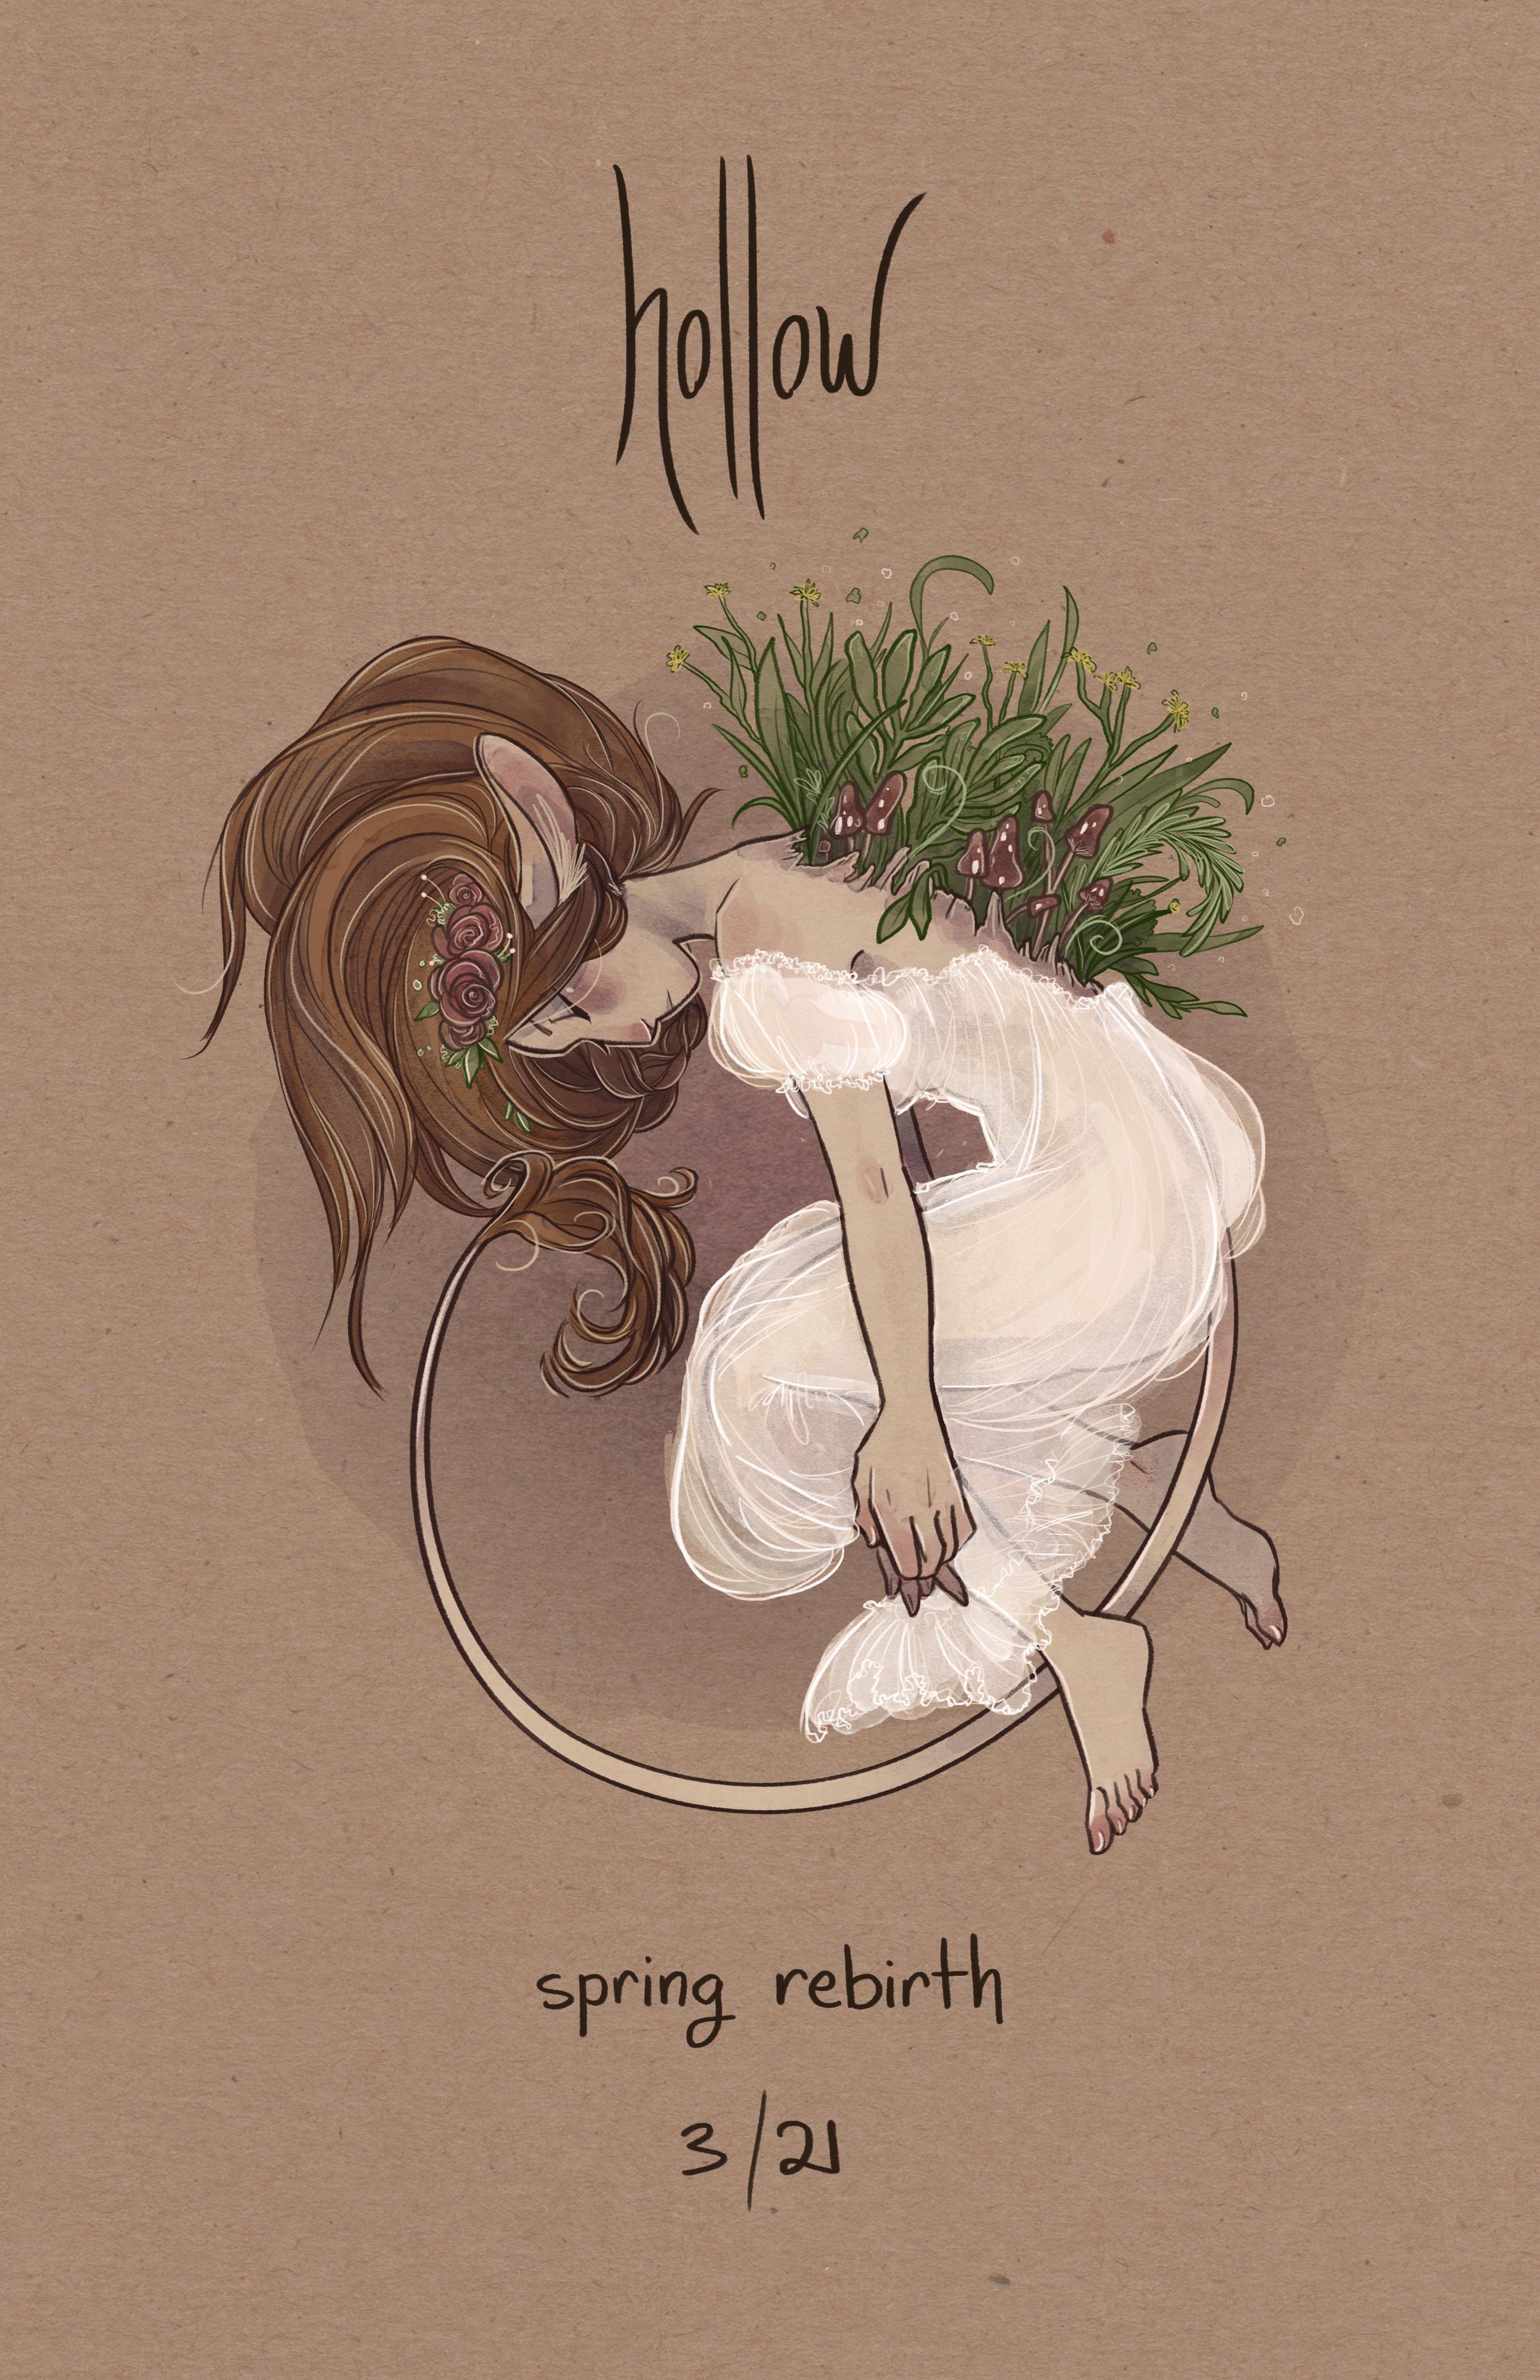 springrebirth.png